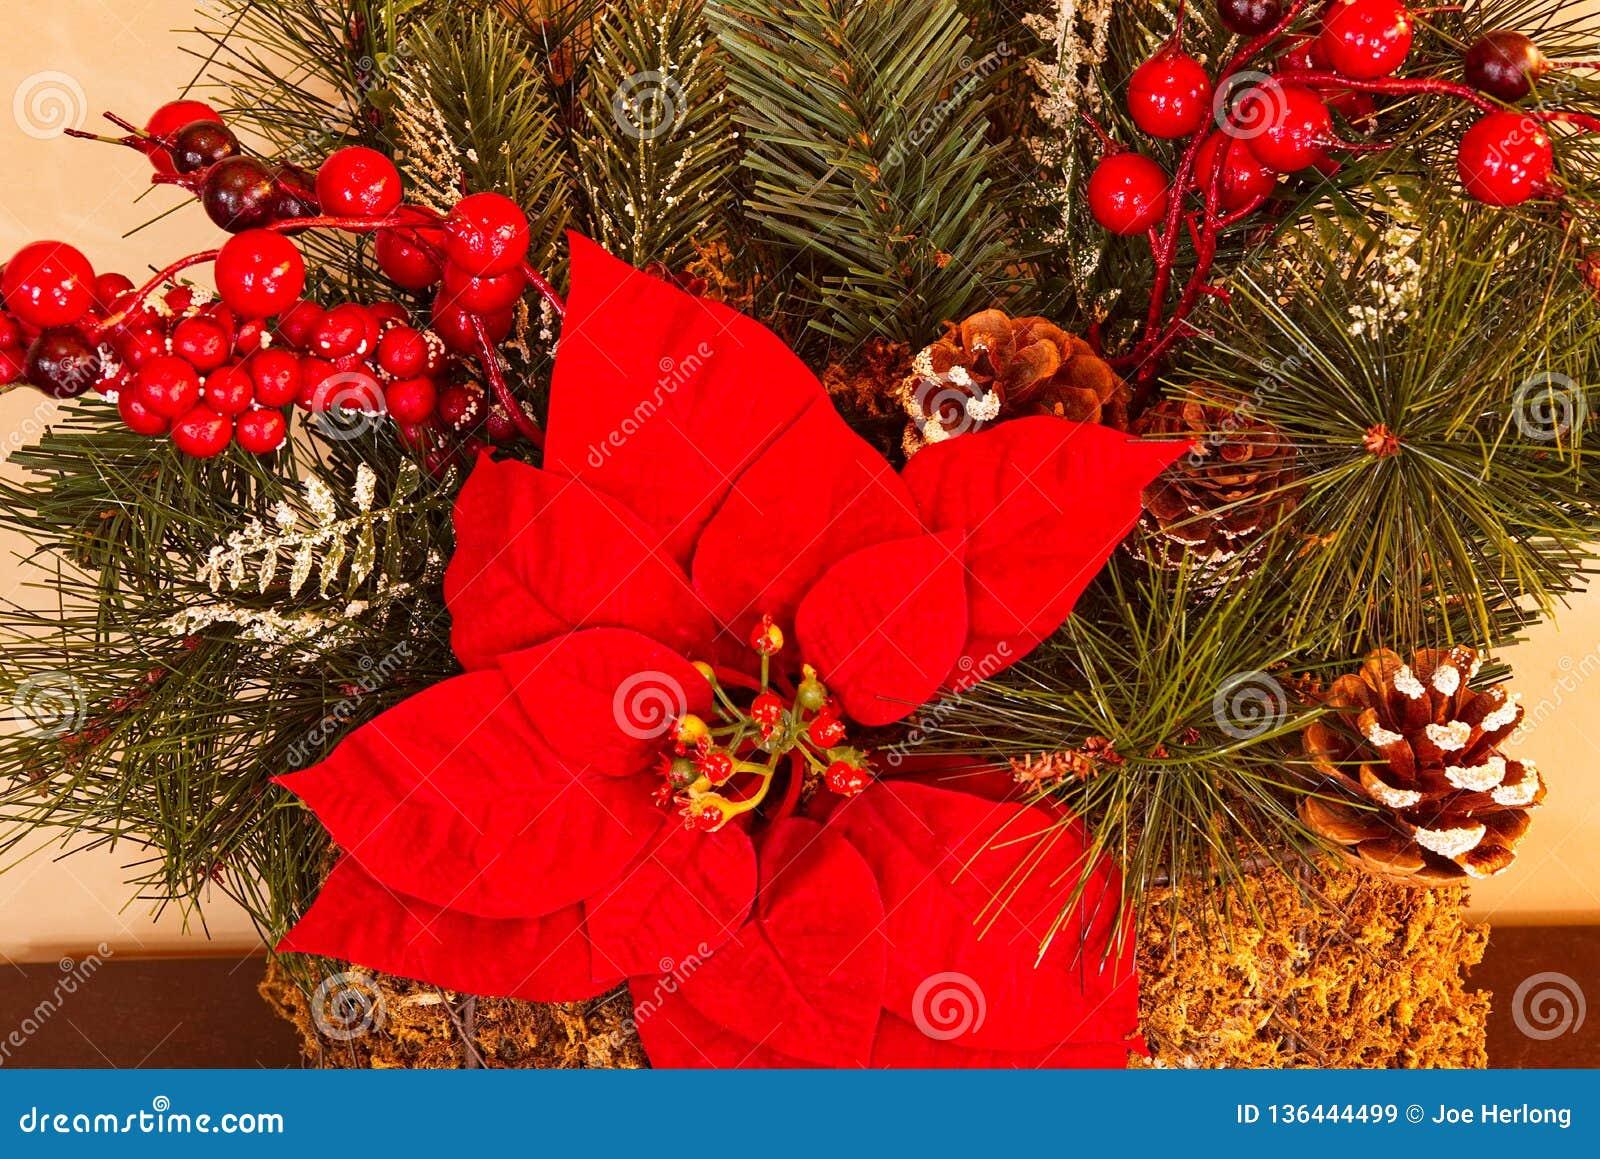 En closeup av julpynt med grönska, julstjärnor och röda bär